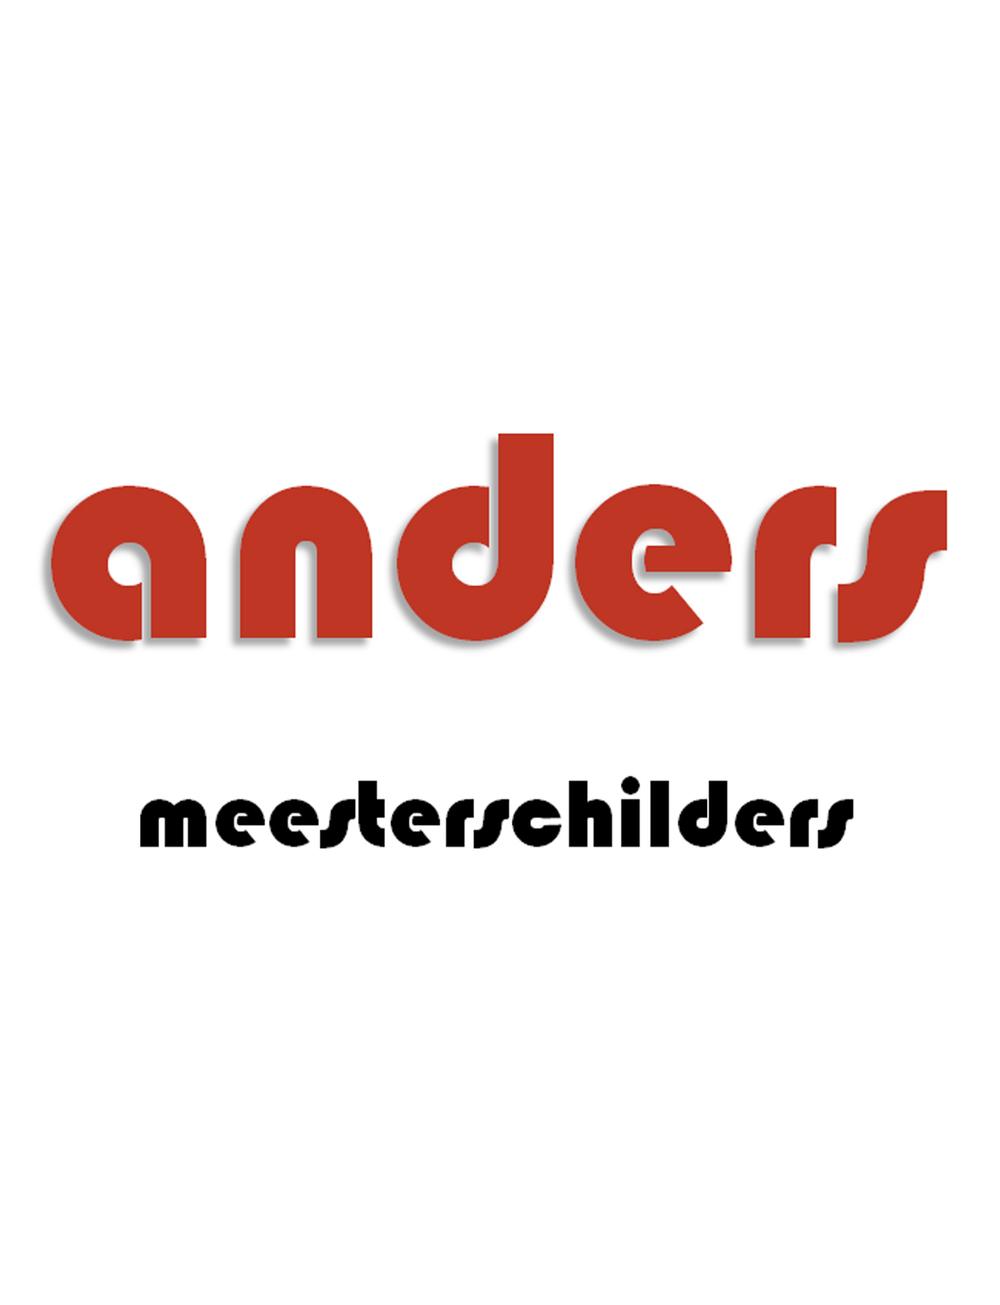 weblogo Anders.jpg